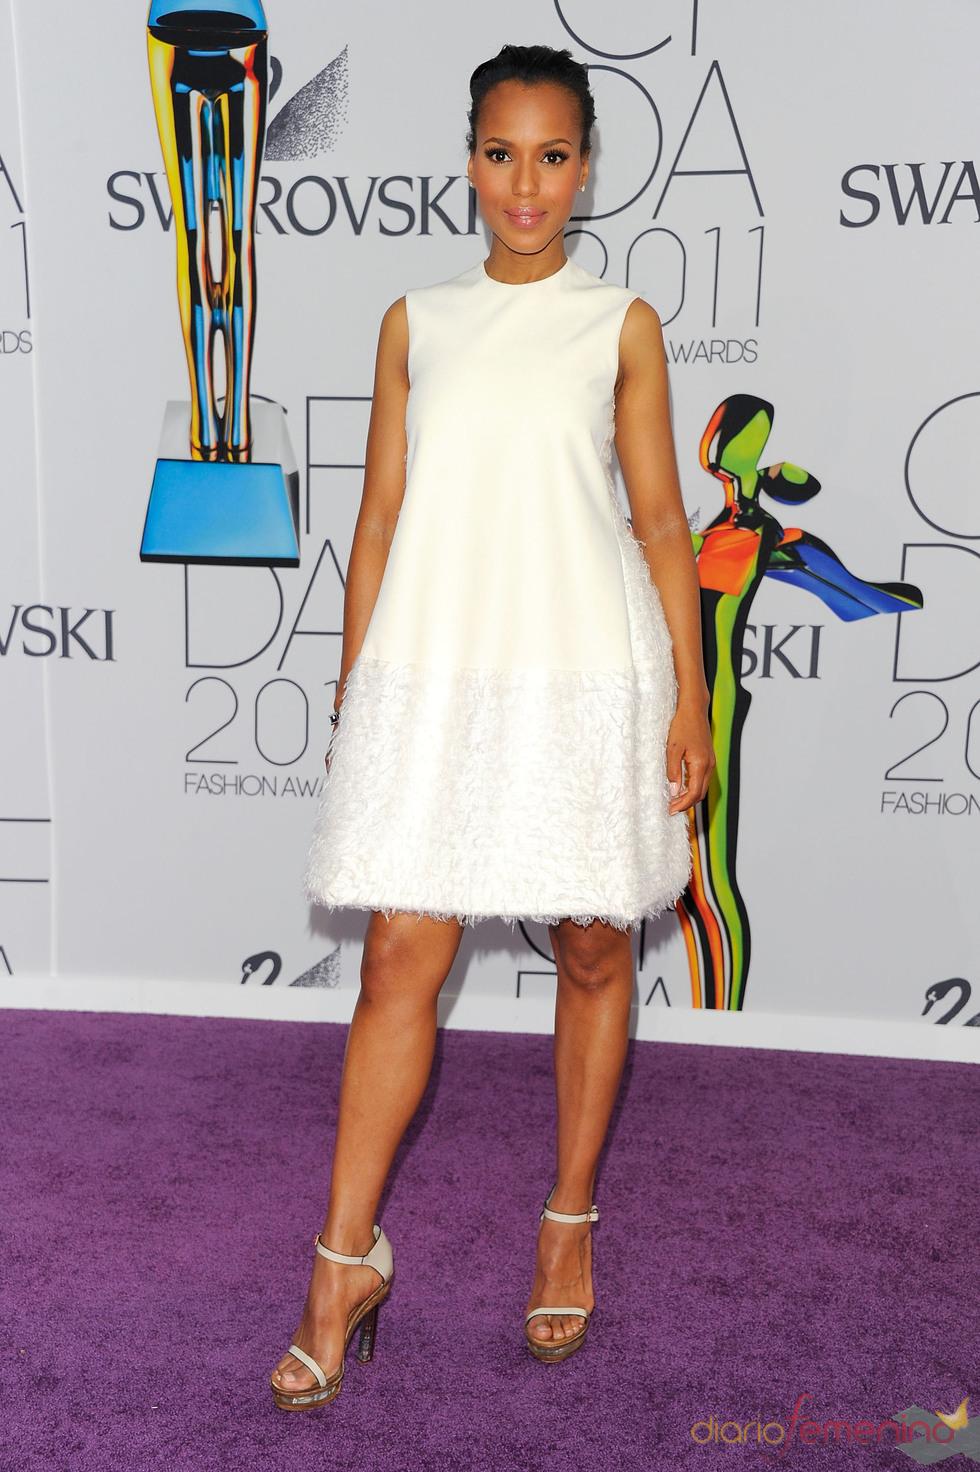 Kerry Washington en los Premios de Moda CFDA 2011